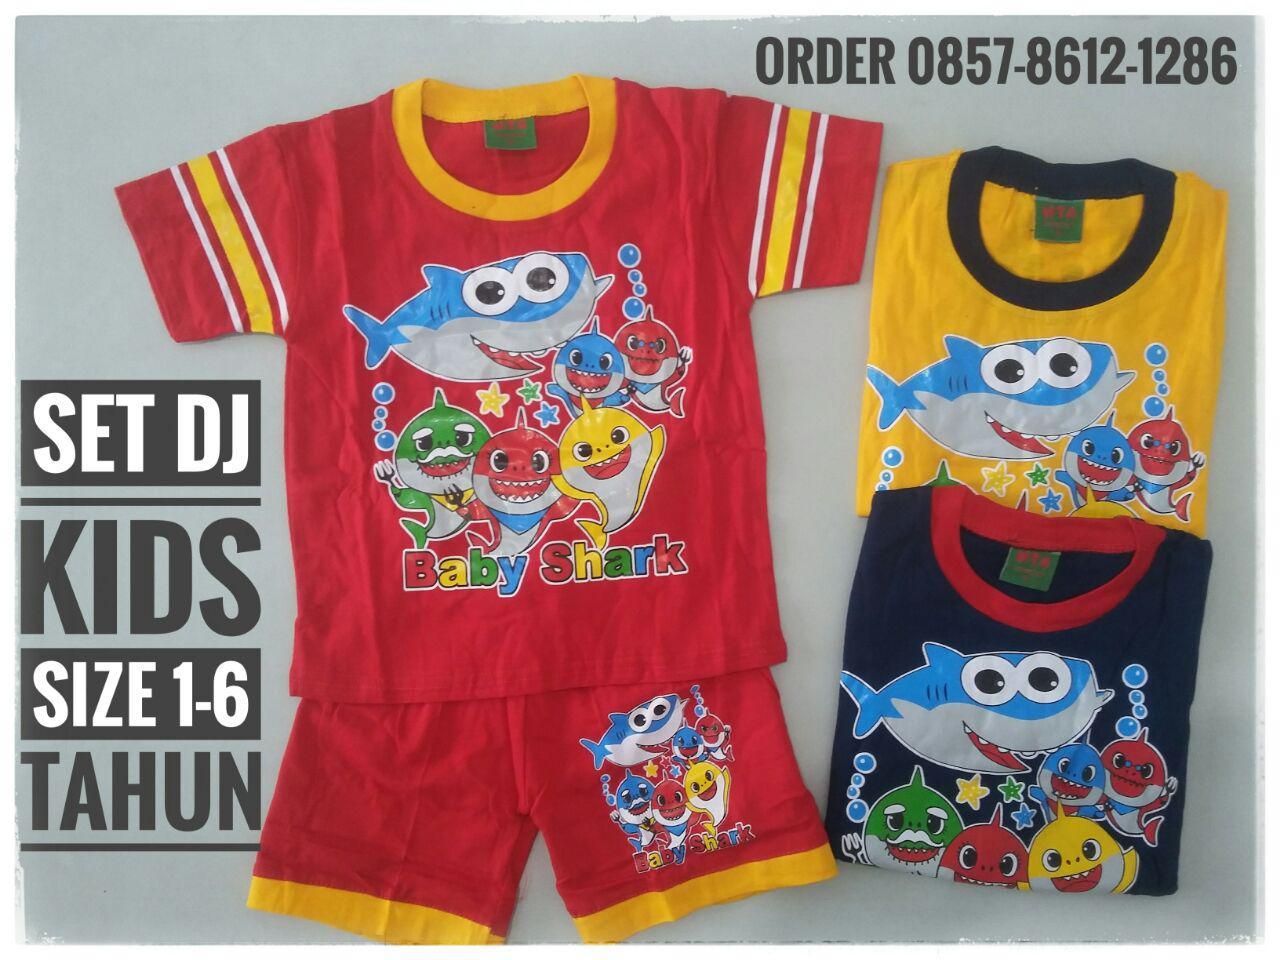 ObralanBaju.com Obral Baju Pakaian Murah Meriah 5000 Set DJ Kids